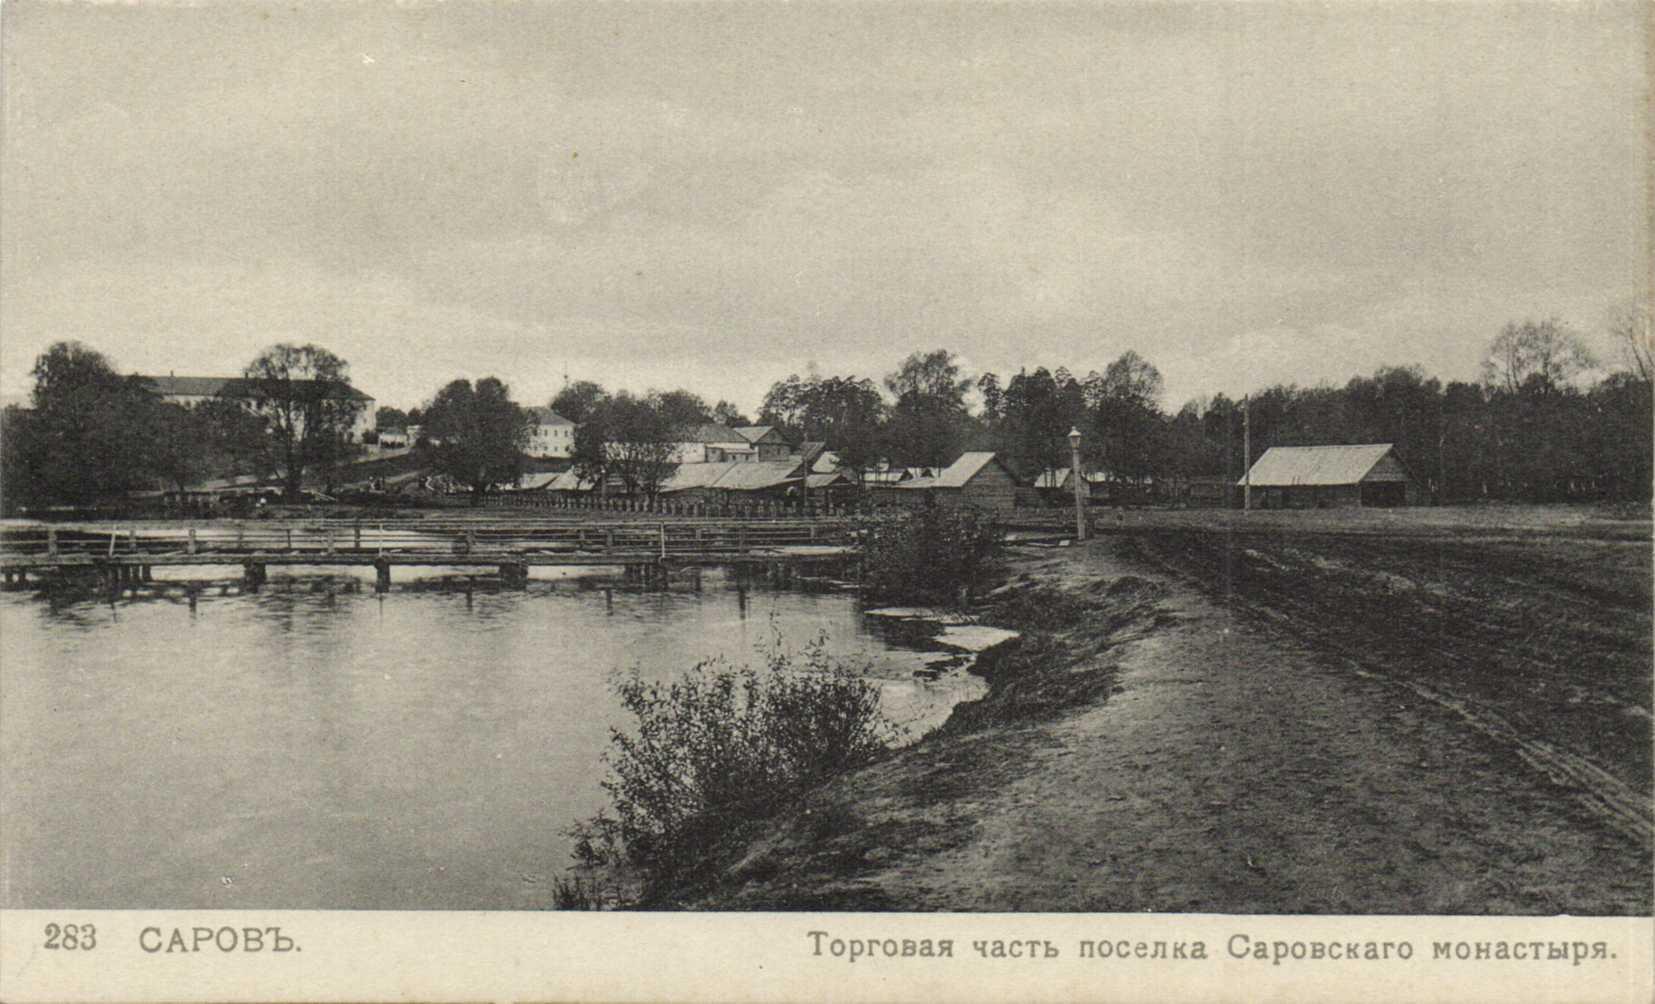 Торговая часть посёлка Саровского монастыря